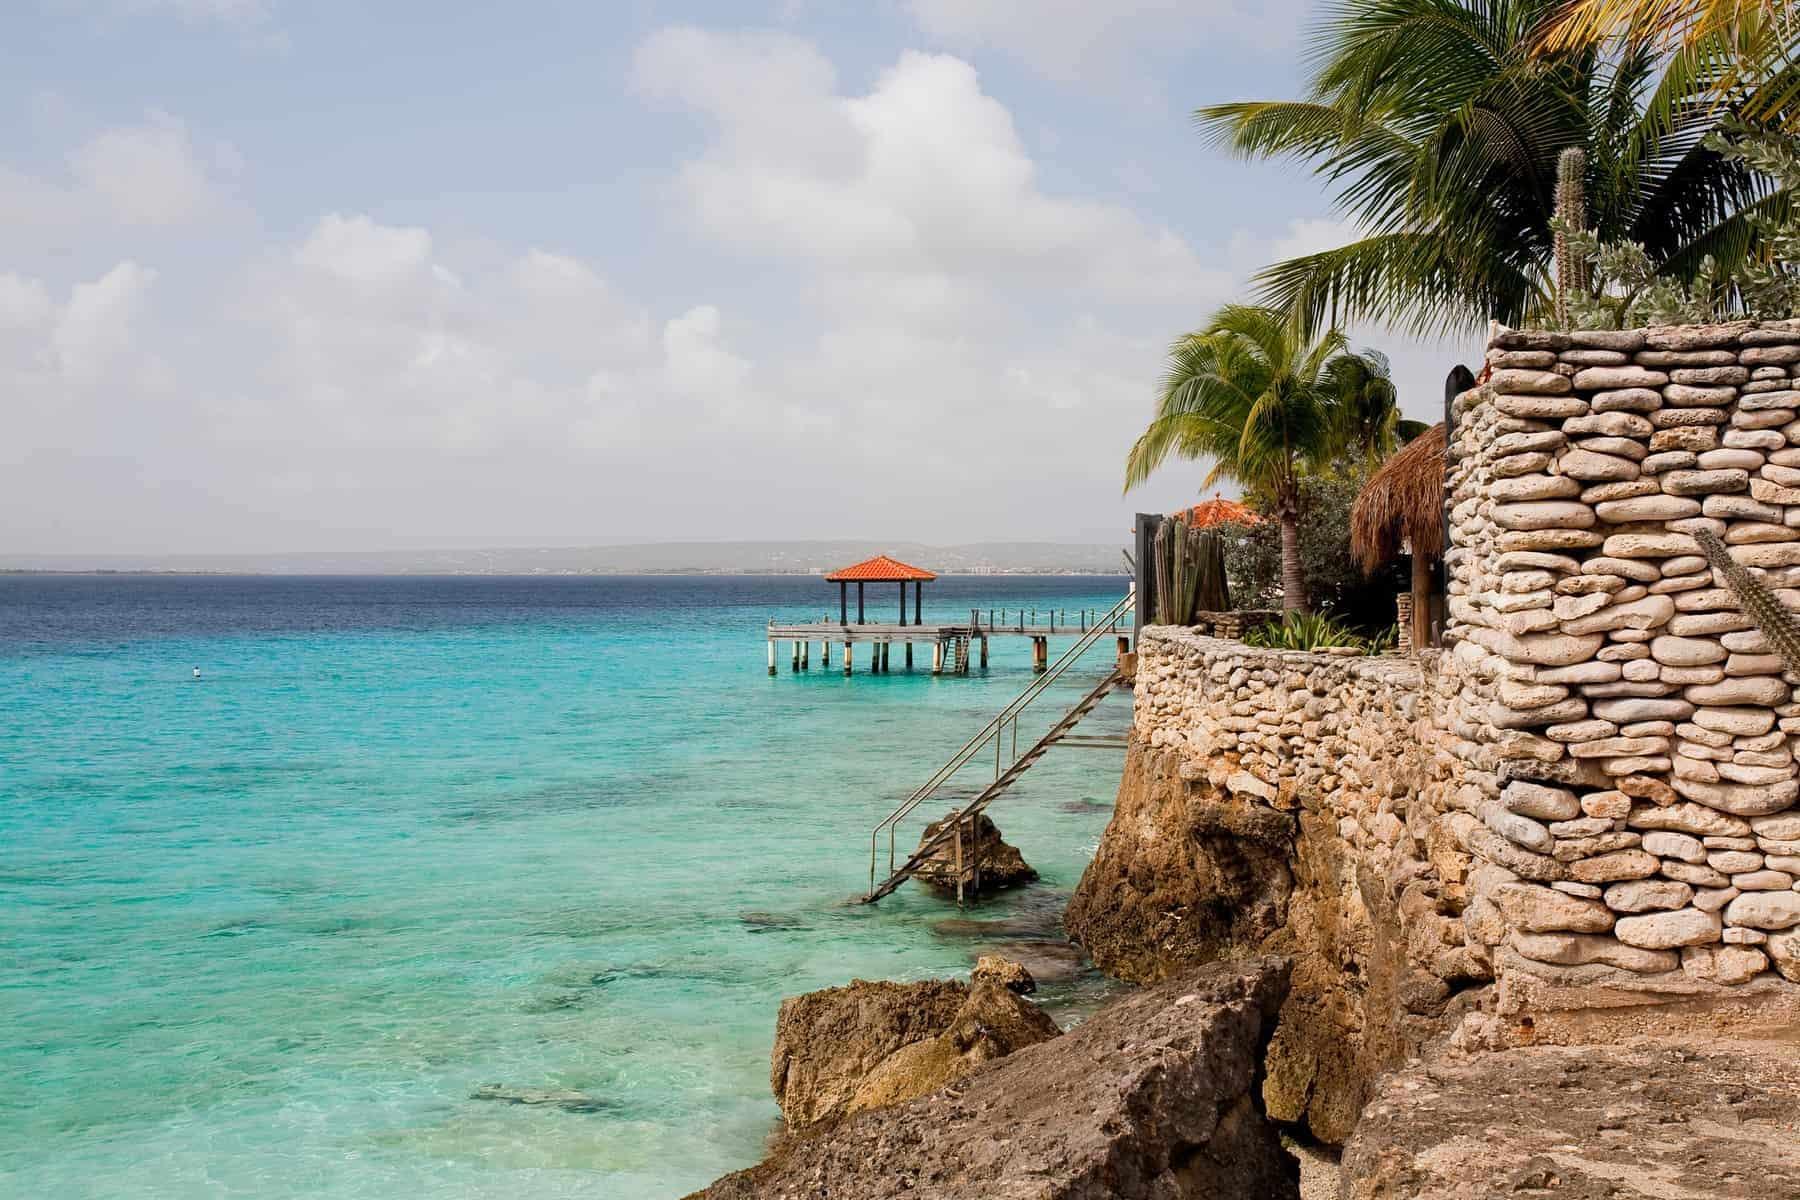 Bonaire verdens første blue destination. Gazebo with orange roof, Bonaire, Caribbean, Dutch Antilles.